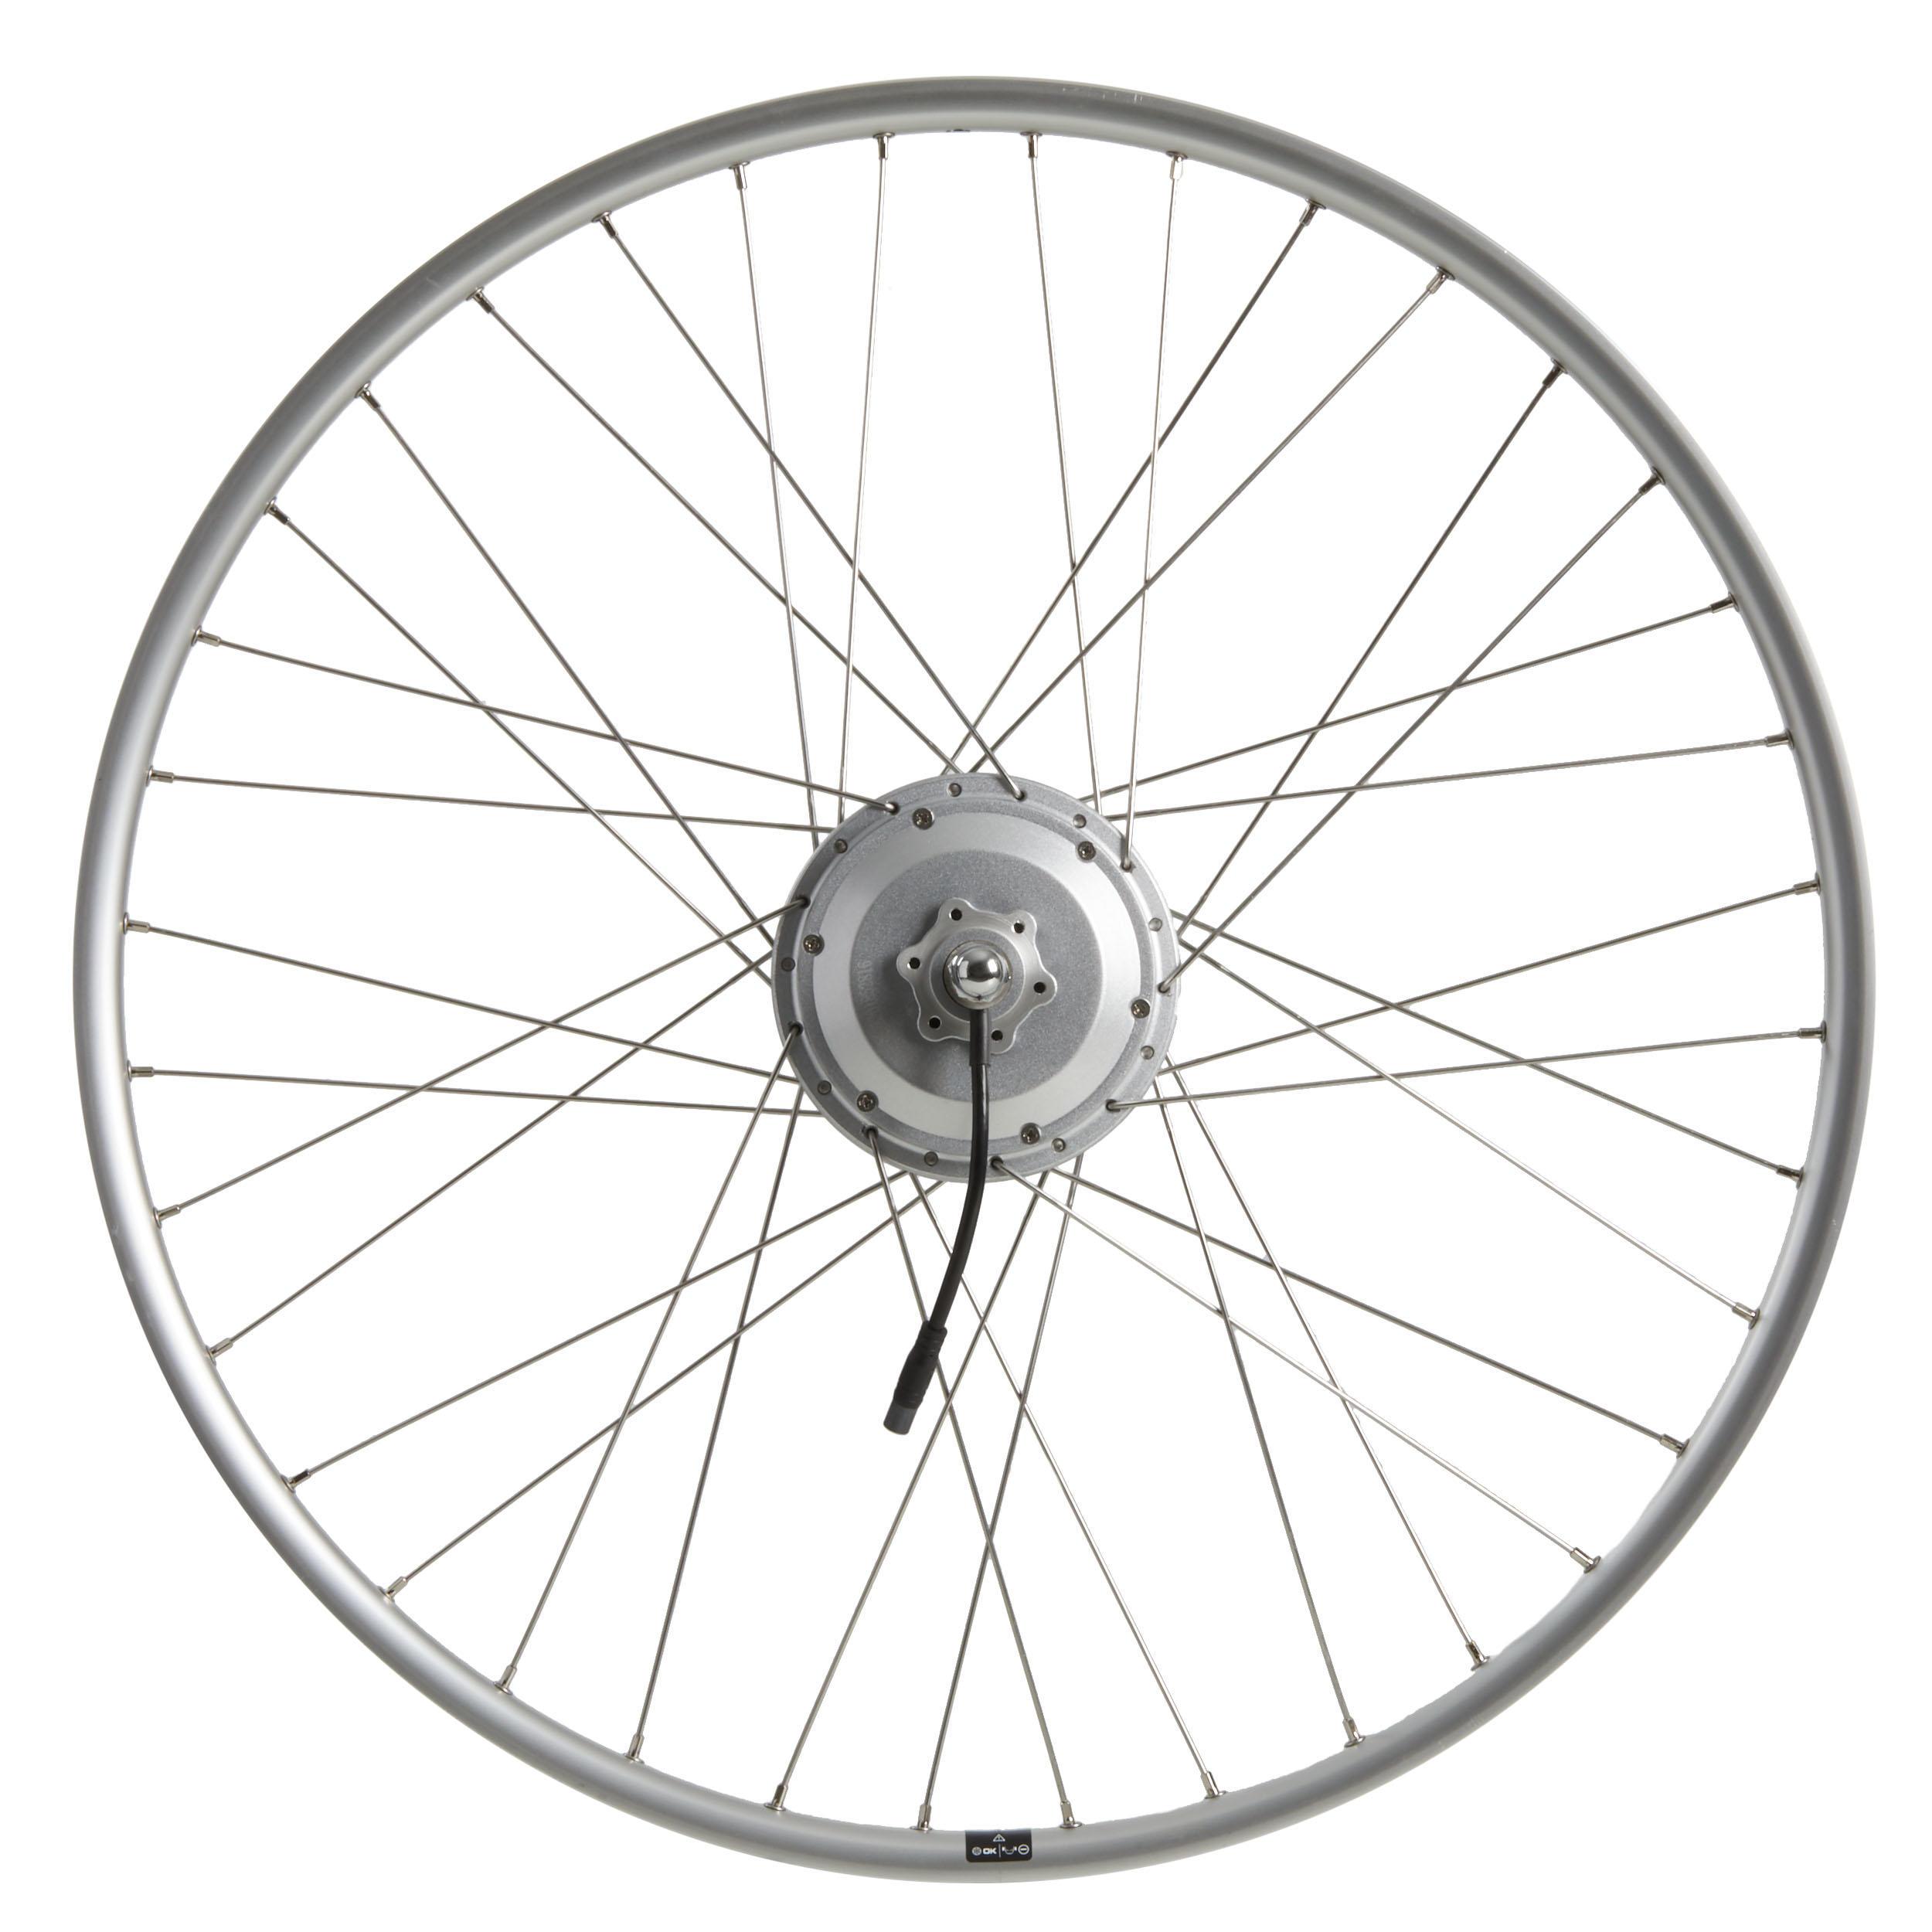 elops ruota post con motore 28 bici elettrica 900e,doppia parete 36 volt argento